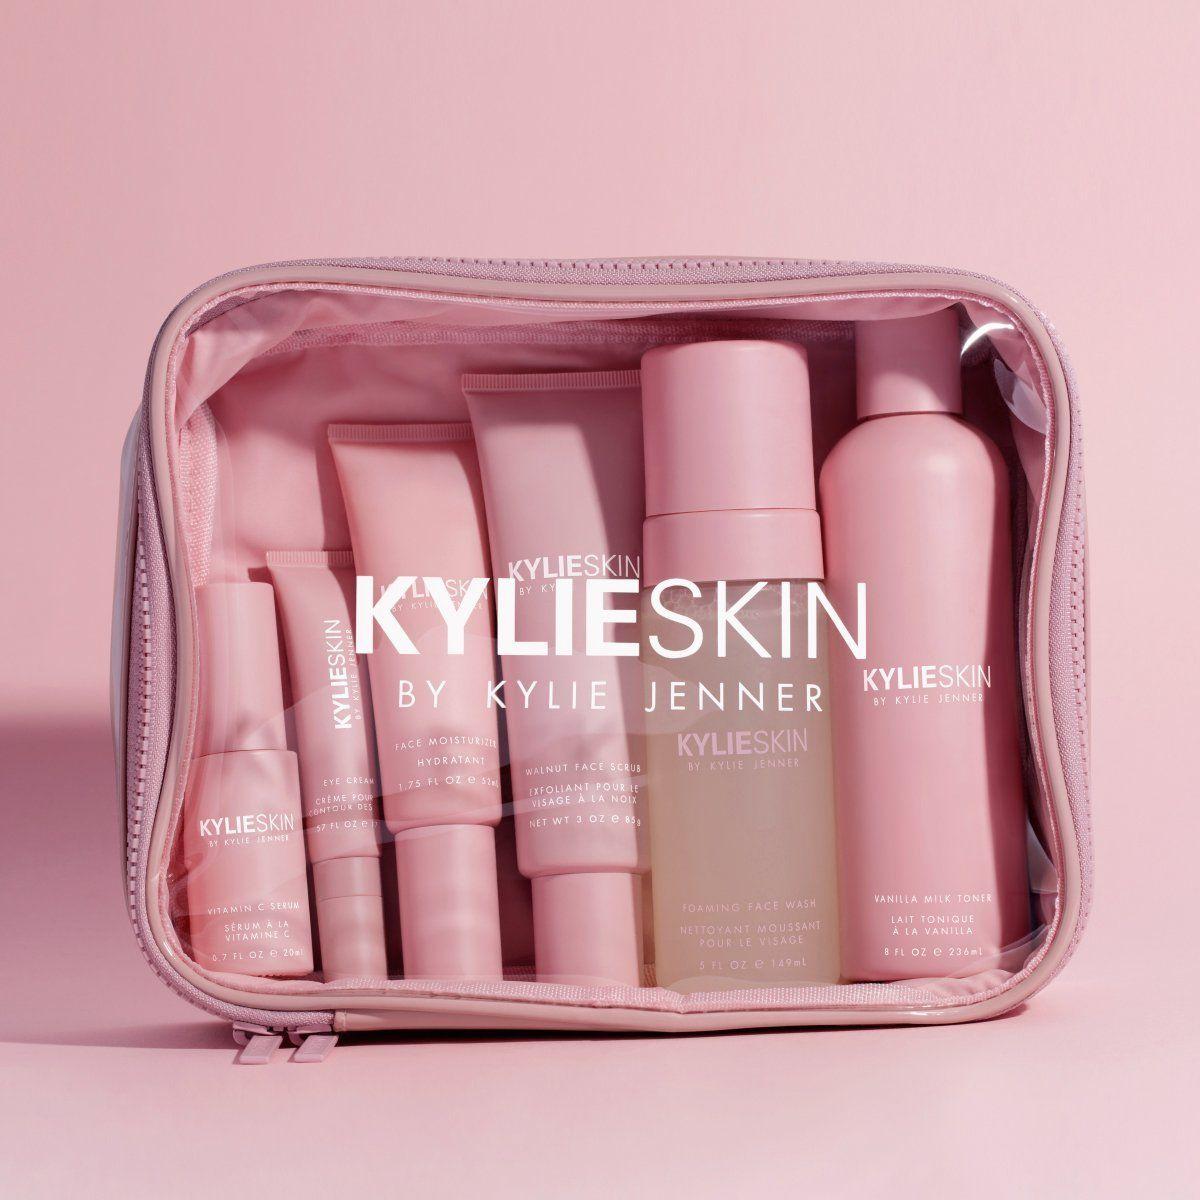 Kylie Skin Set Makeup Bags Travel Kylie Makeup Kylie Jenner Makeup